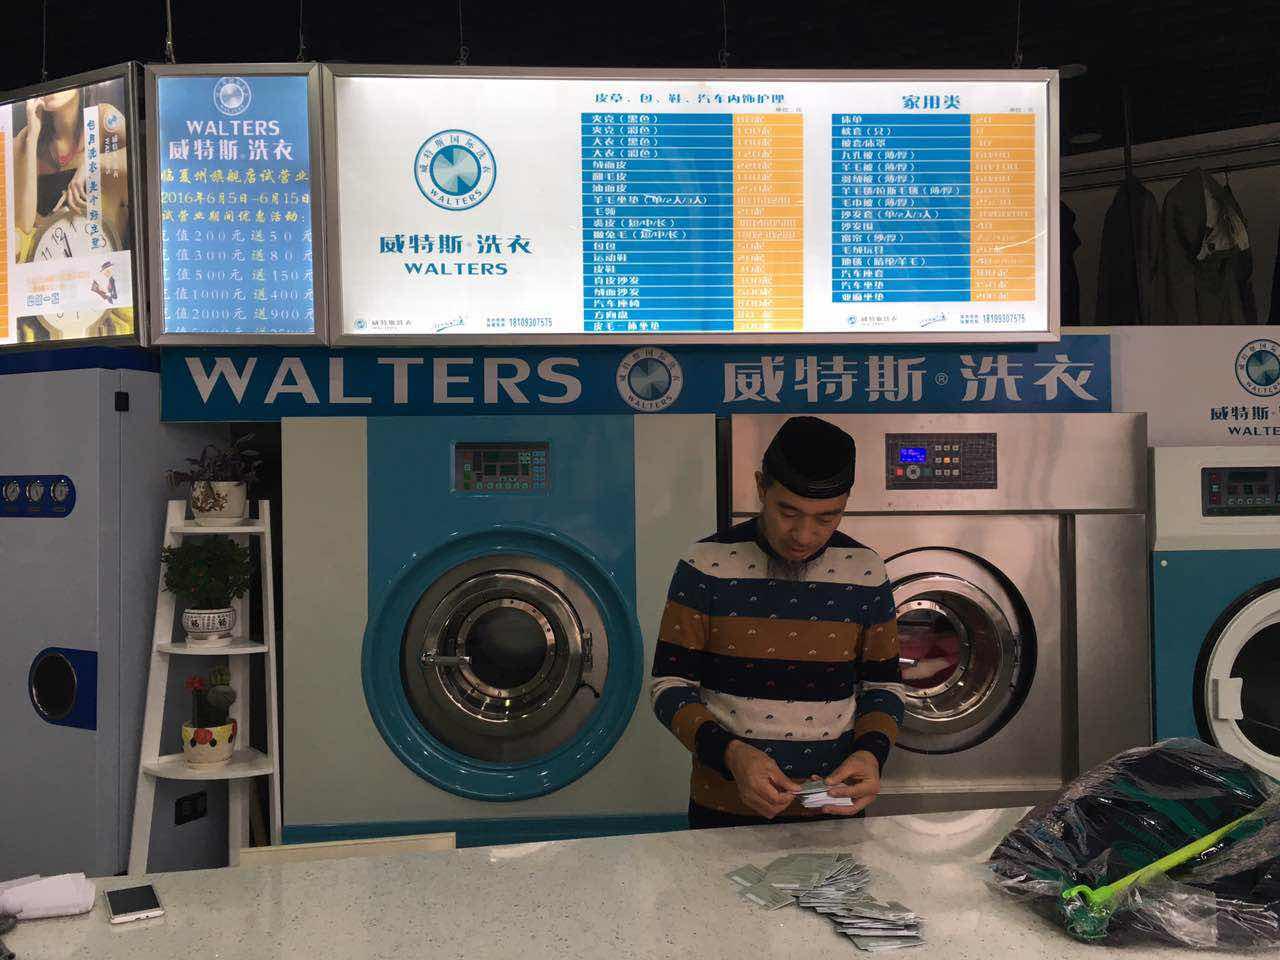 在居民区开干洗店利润多吗